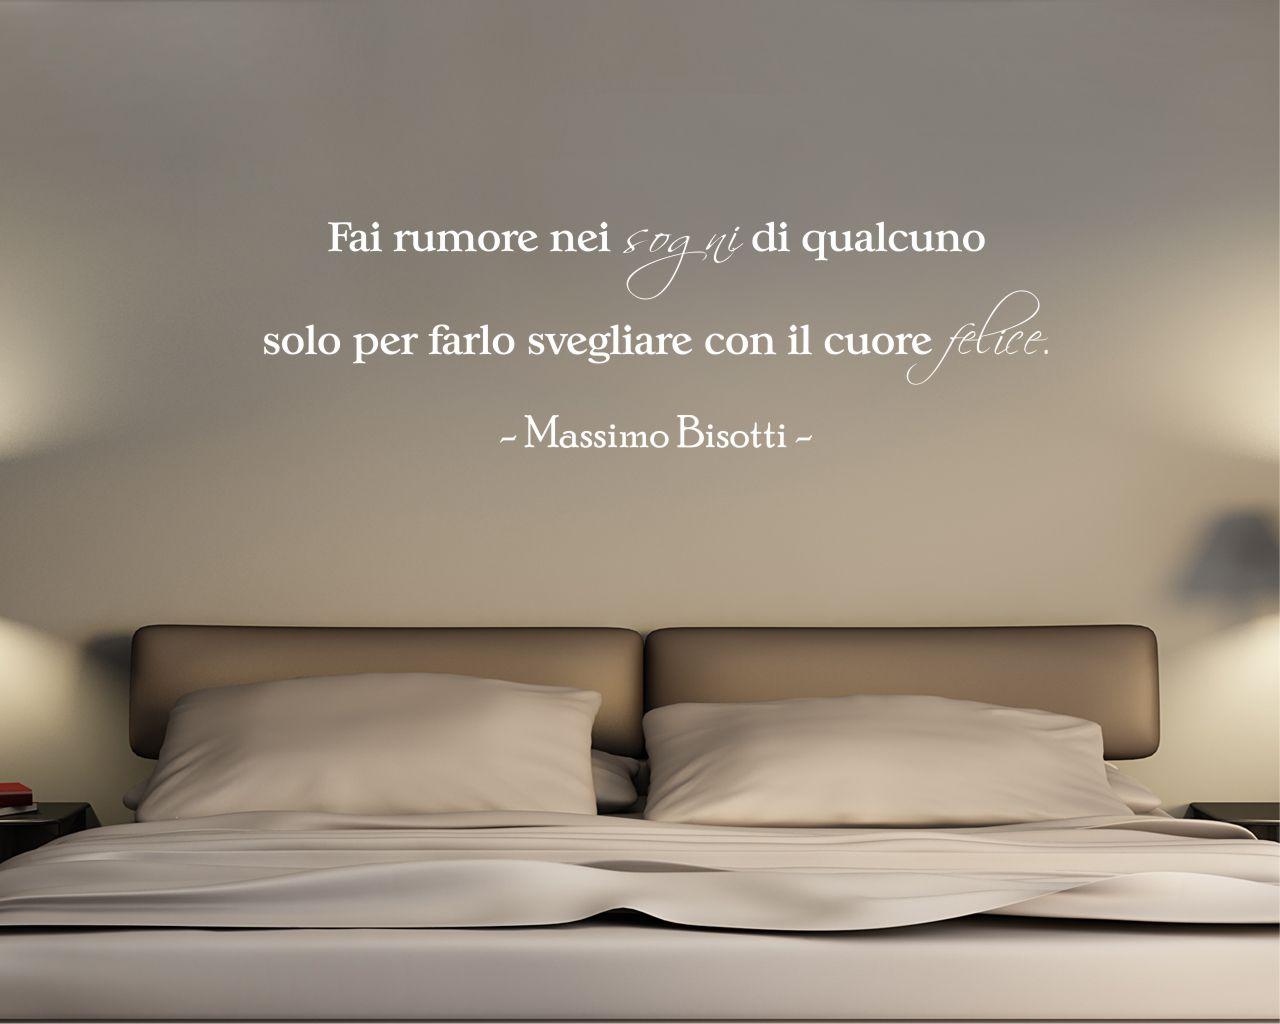 Adesivo murale-Massimo Bisotti-fai rumore nei sogni